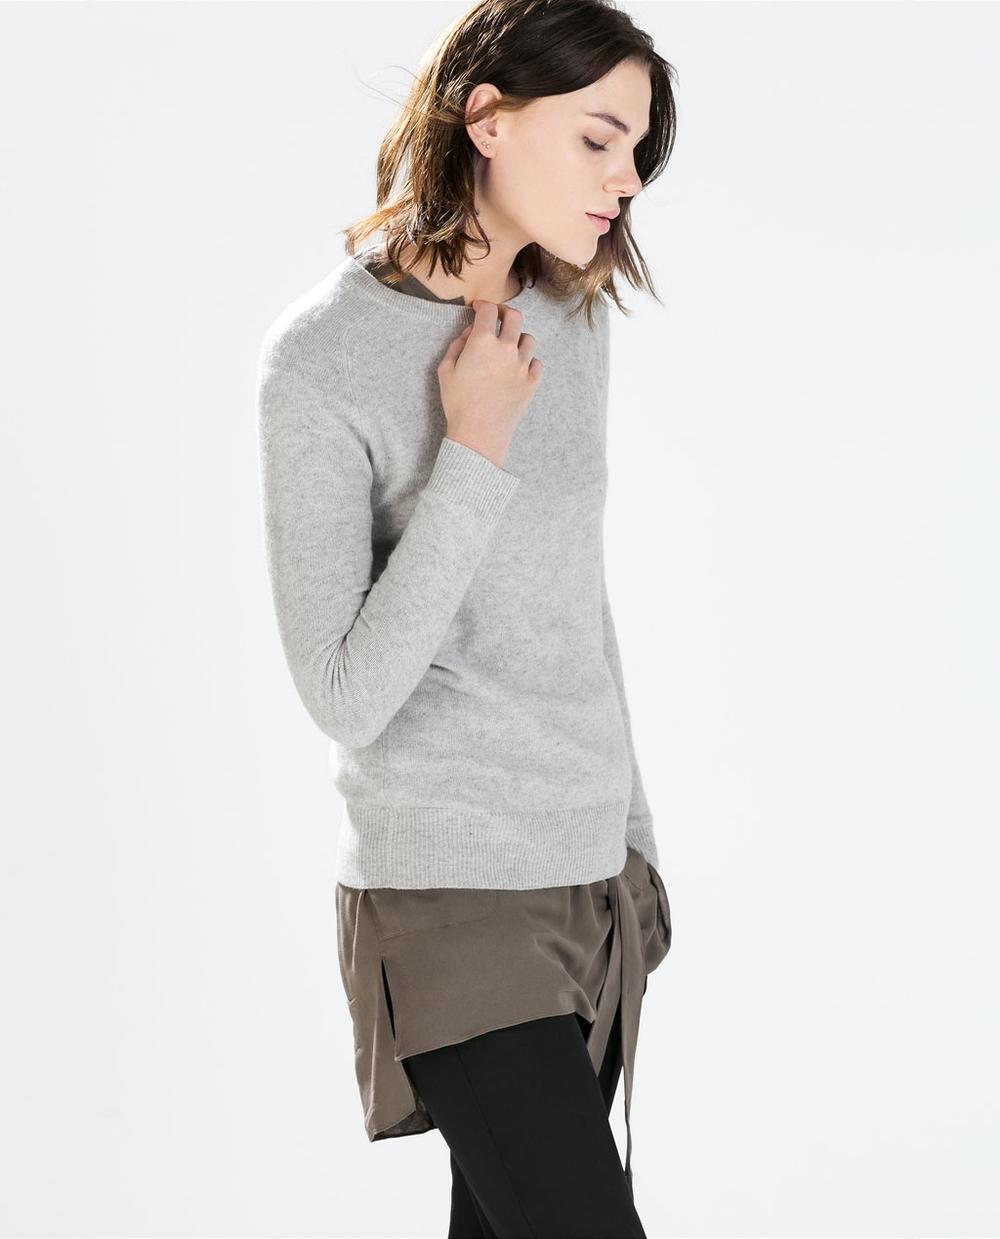 Zara - Cashmere Sweater £89.99 also in navy.